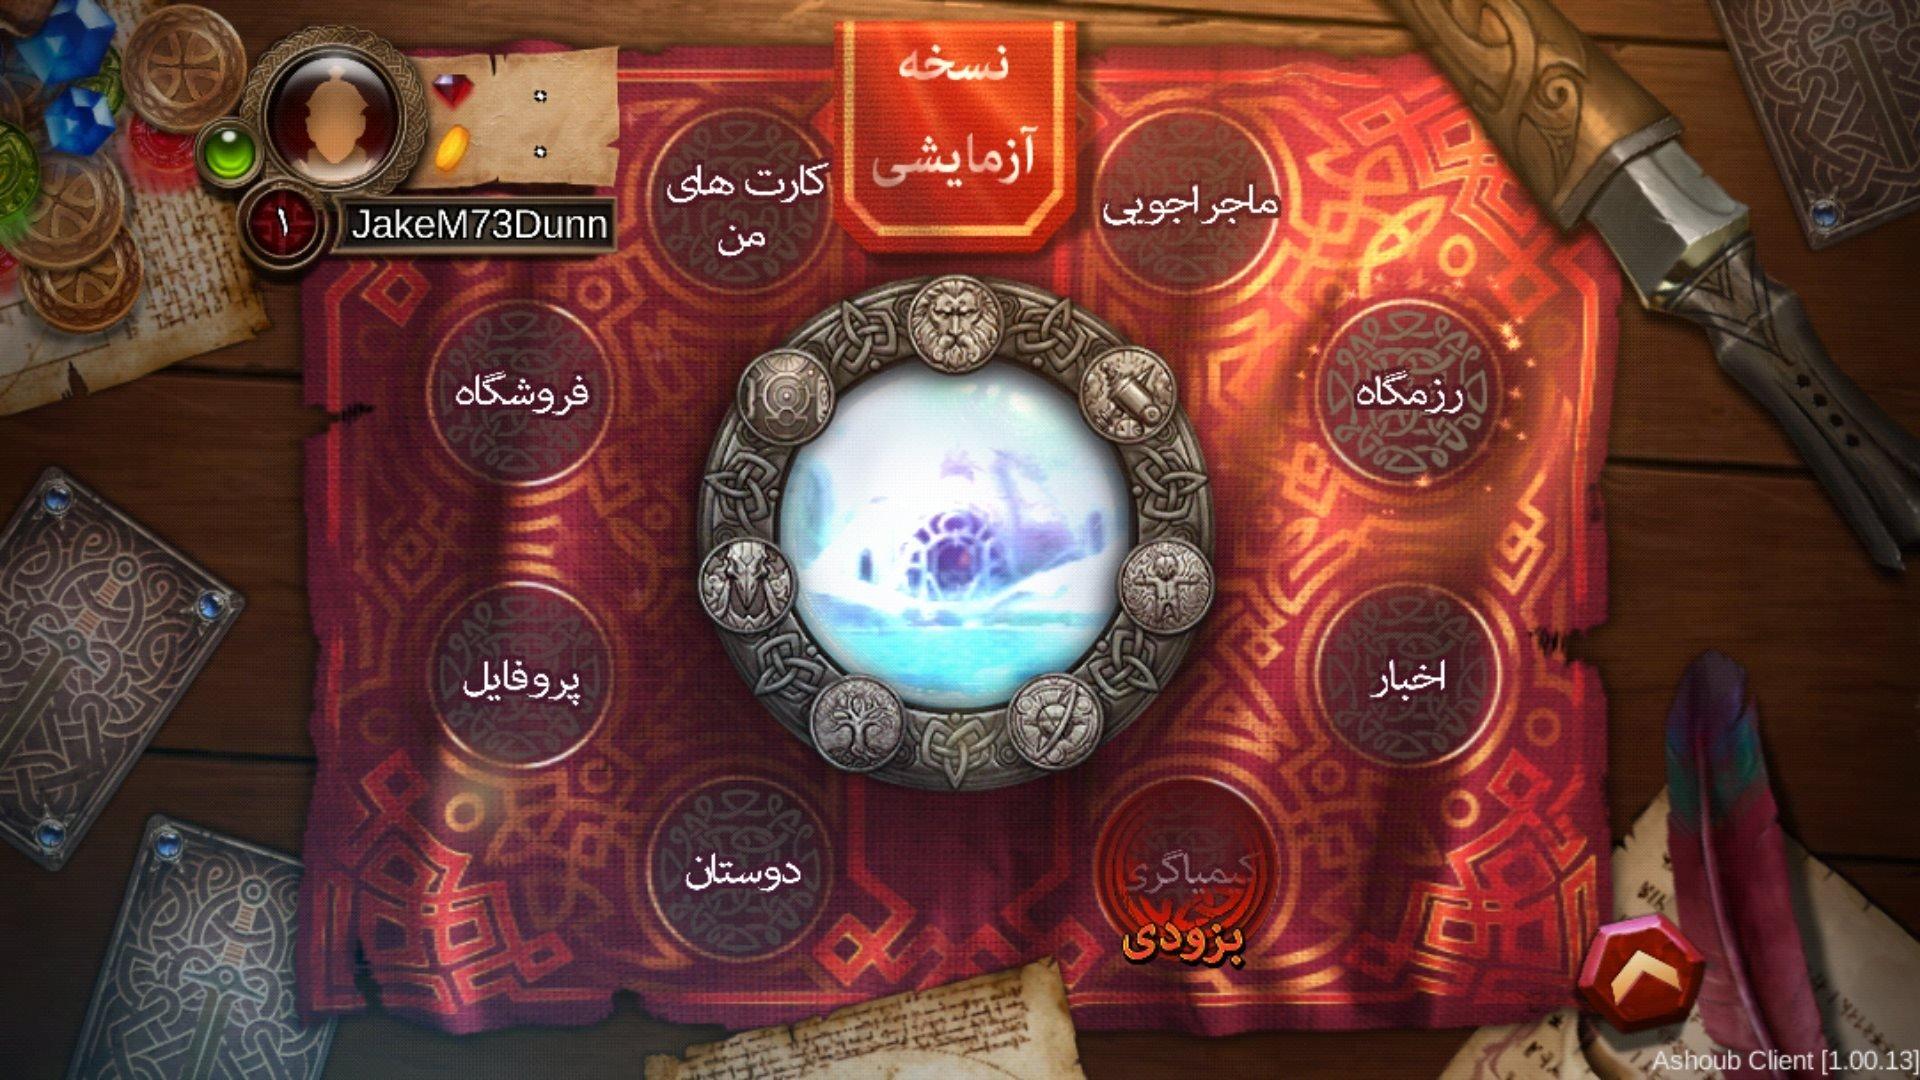 منوی اصلی بازی که تمامی بخش ها را نشان می دهد.